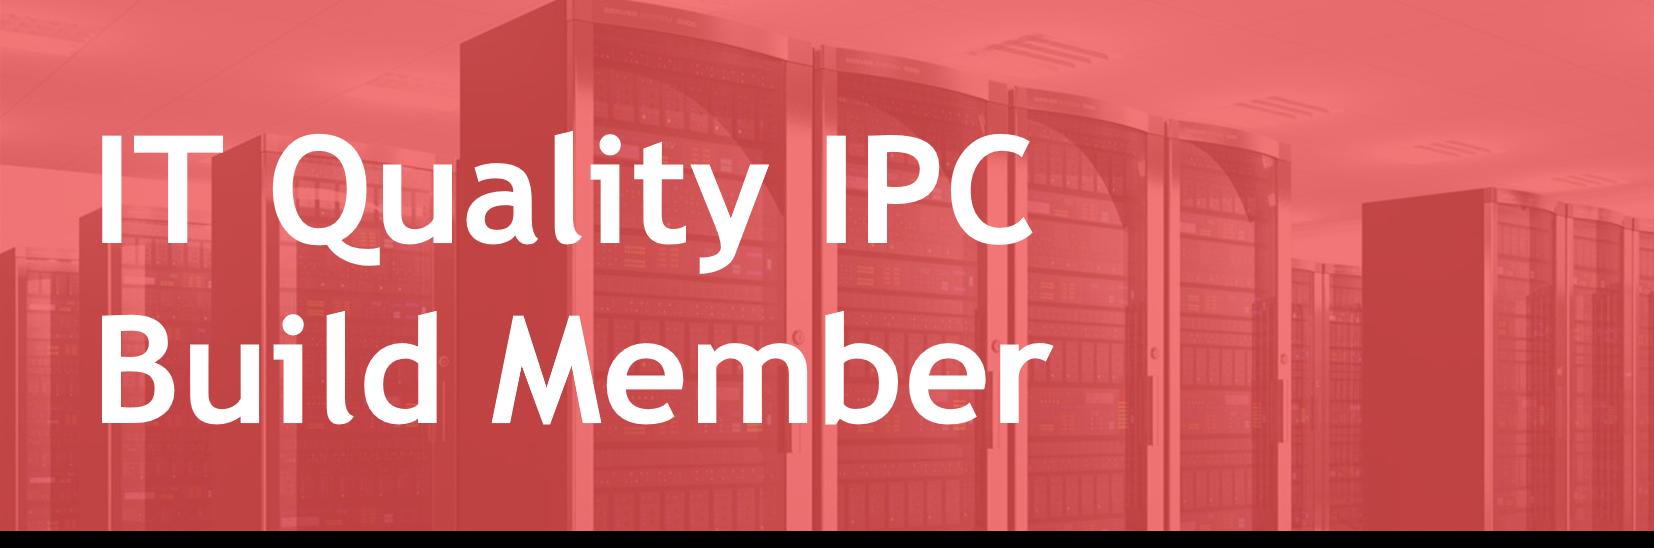 Quality IPC Build Member - FR/EN